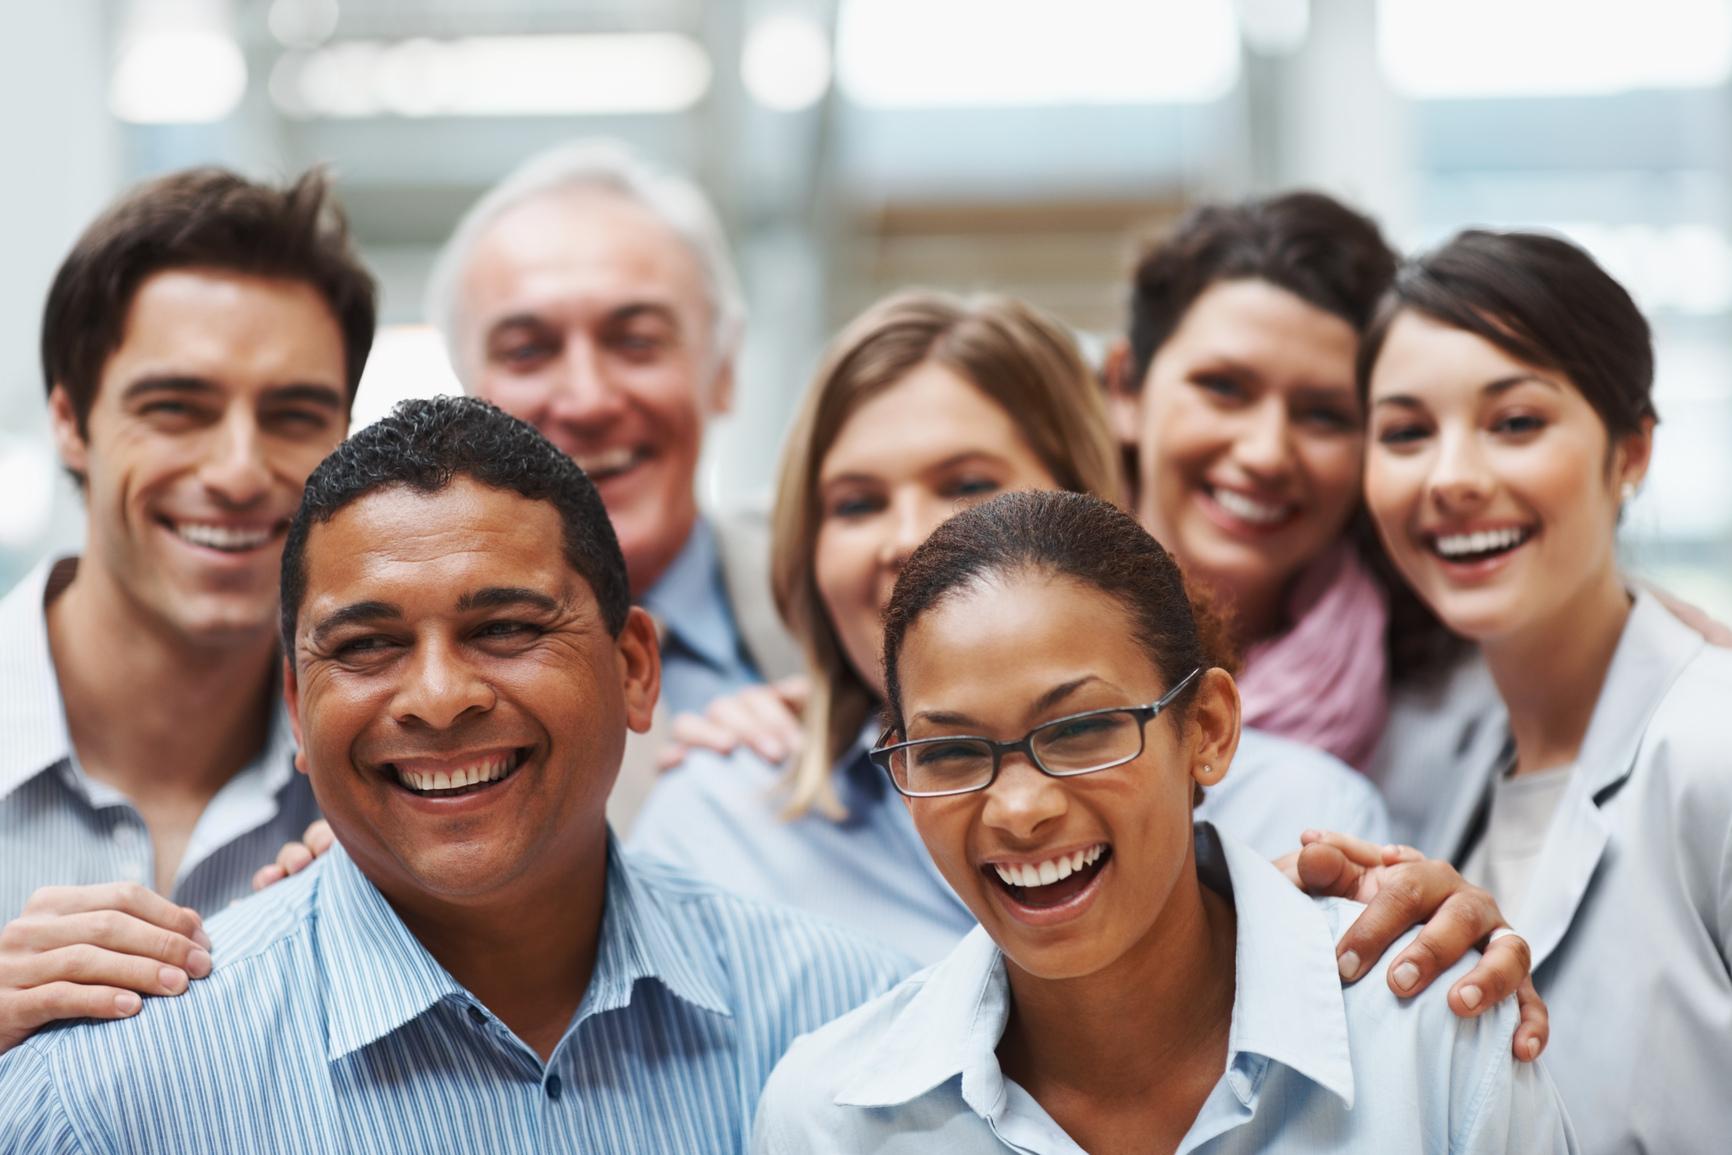 फेसबुक छोडऩे वाले लोग अधिक खुशहाल